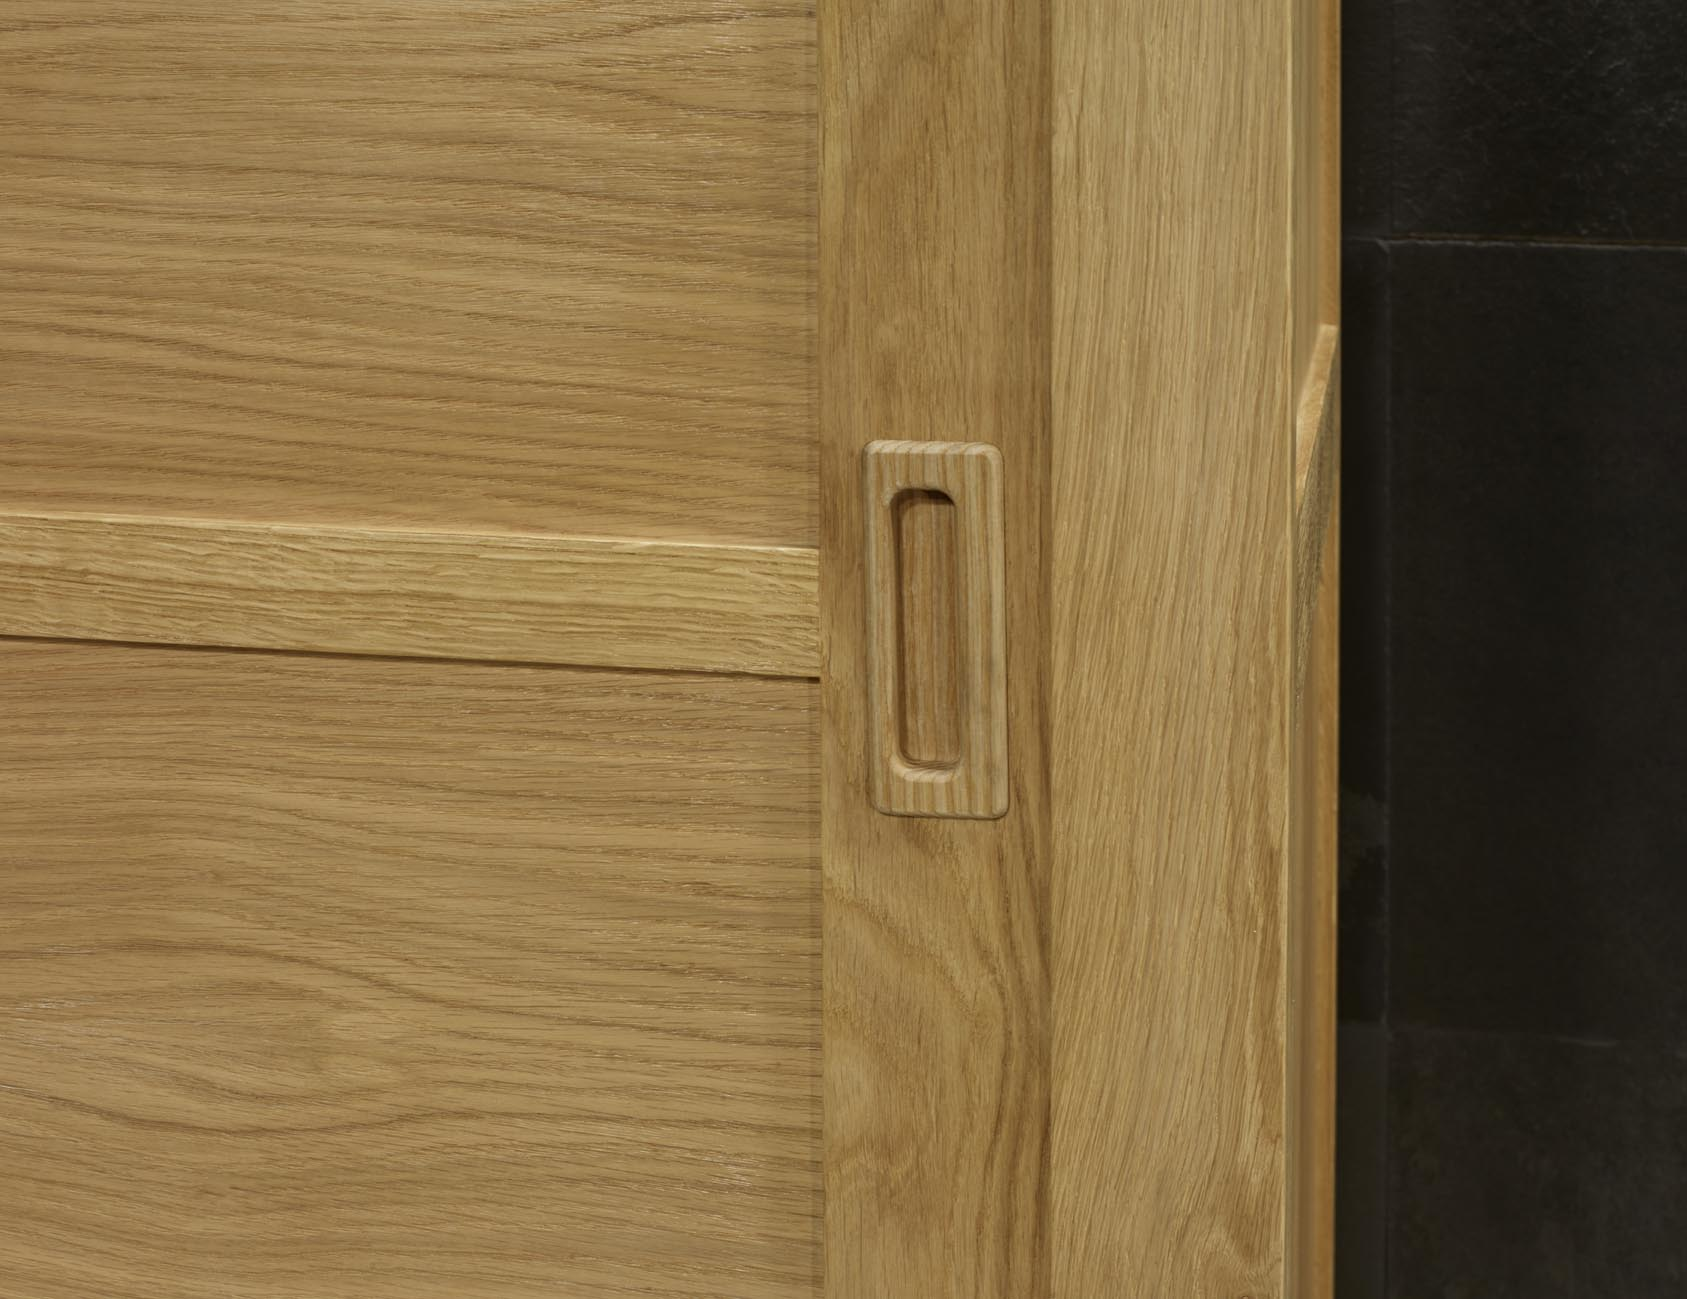 armoire 2 portes coulissantes n en ch ne de ligne. Black Bedroom Furniture Sets. Home Design Ideas